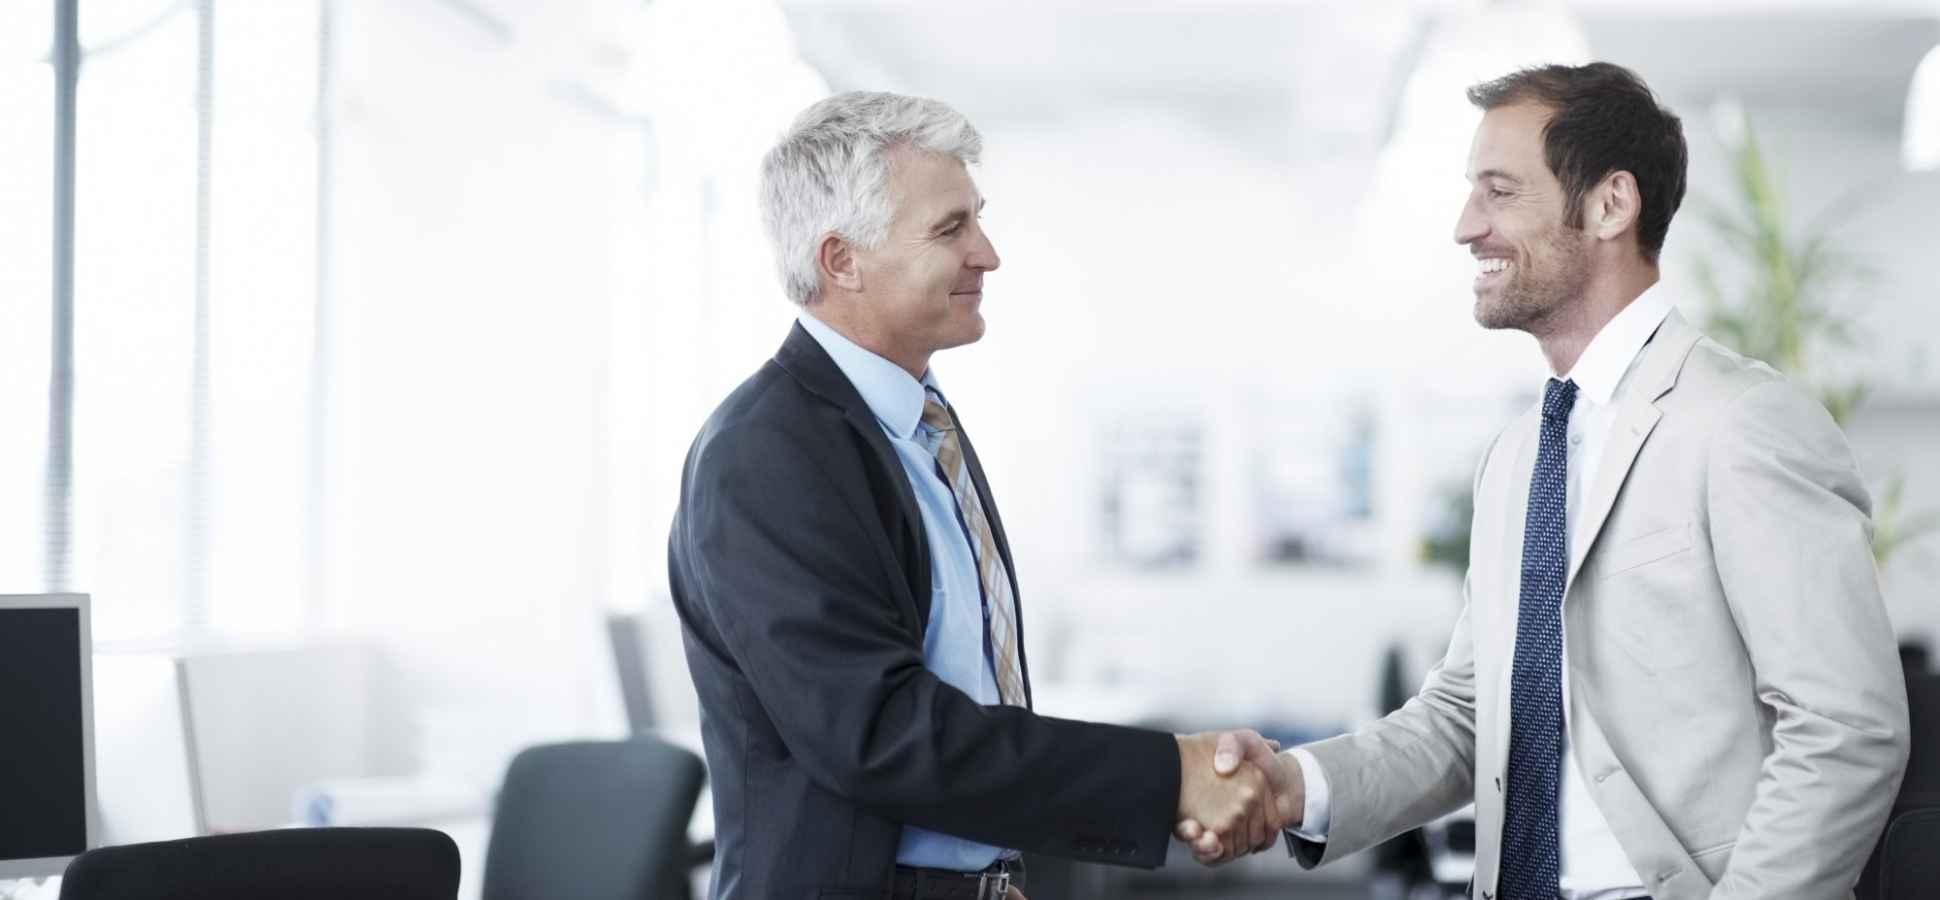 6 Ways to Spot a Bad Business Partner | Inc com